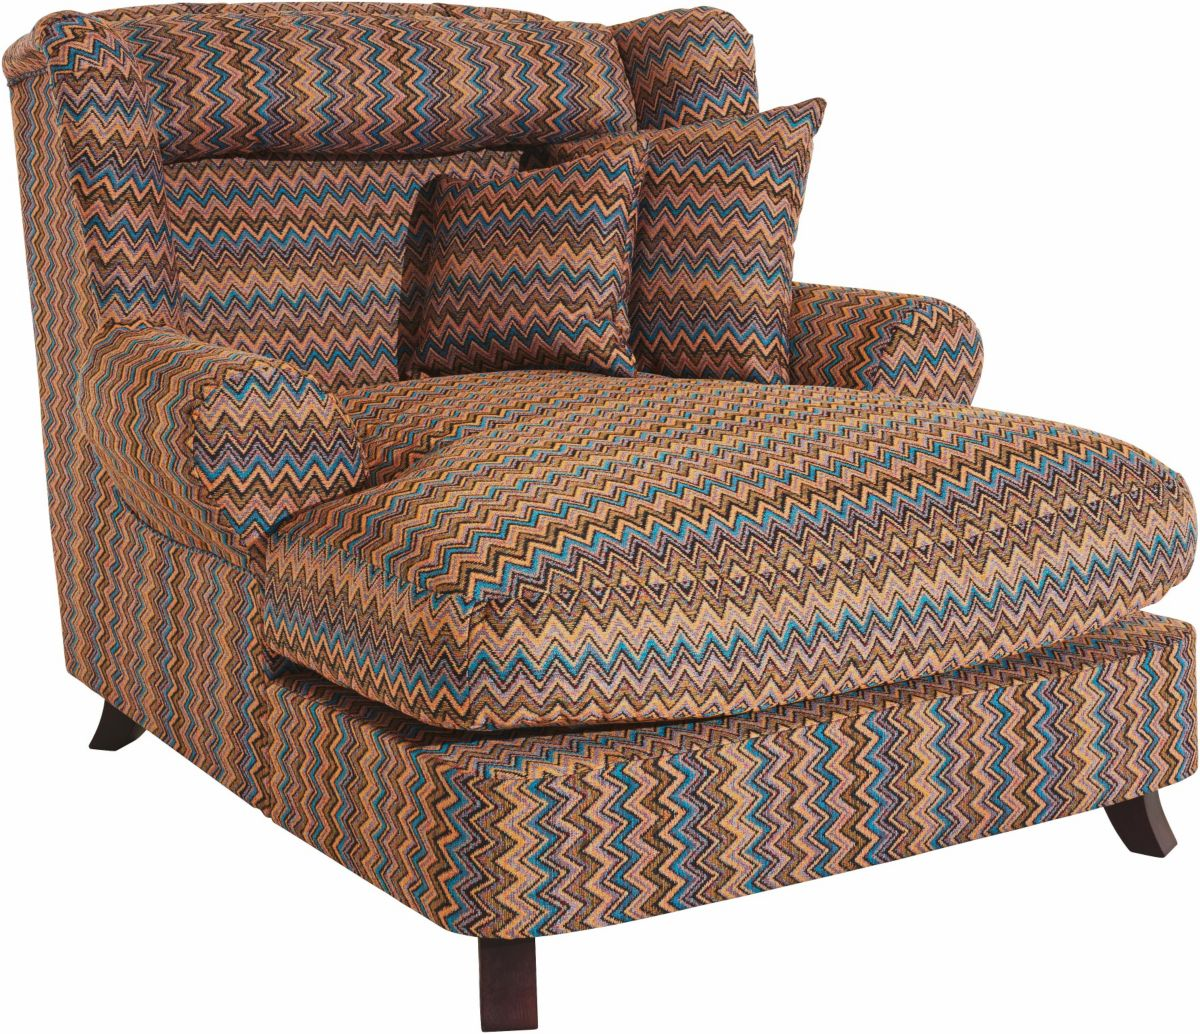 6 personen billig kaufen. Black Bedroom Furniture Sets. Home Design Ideas